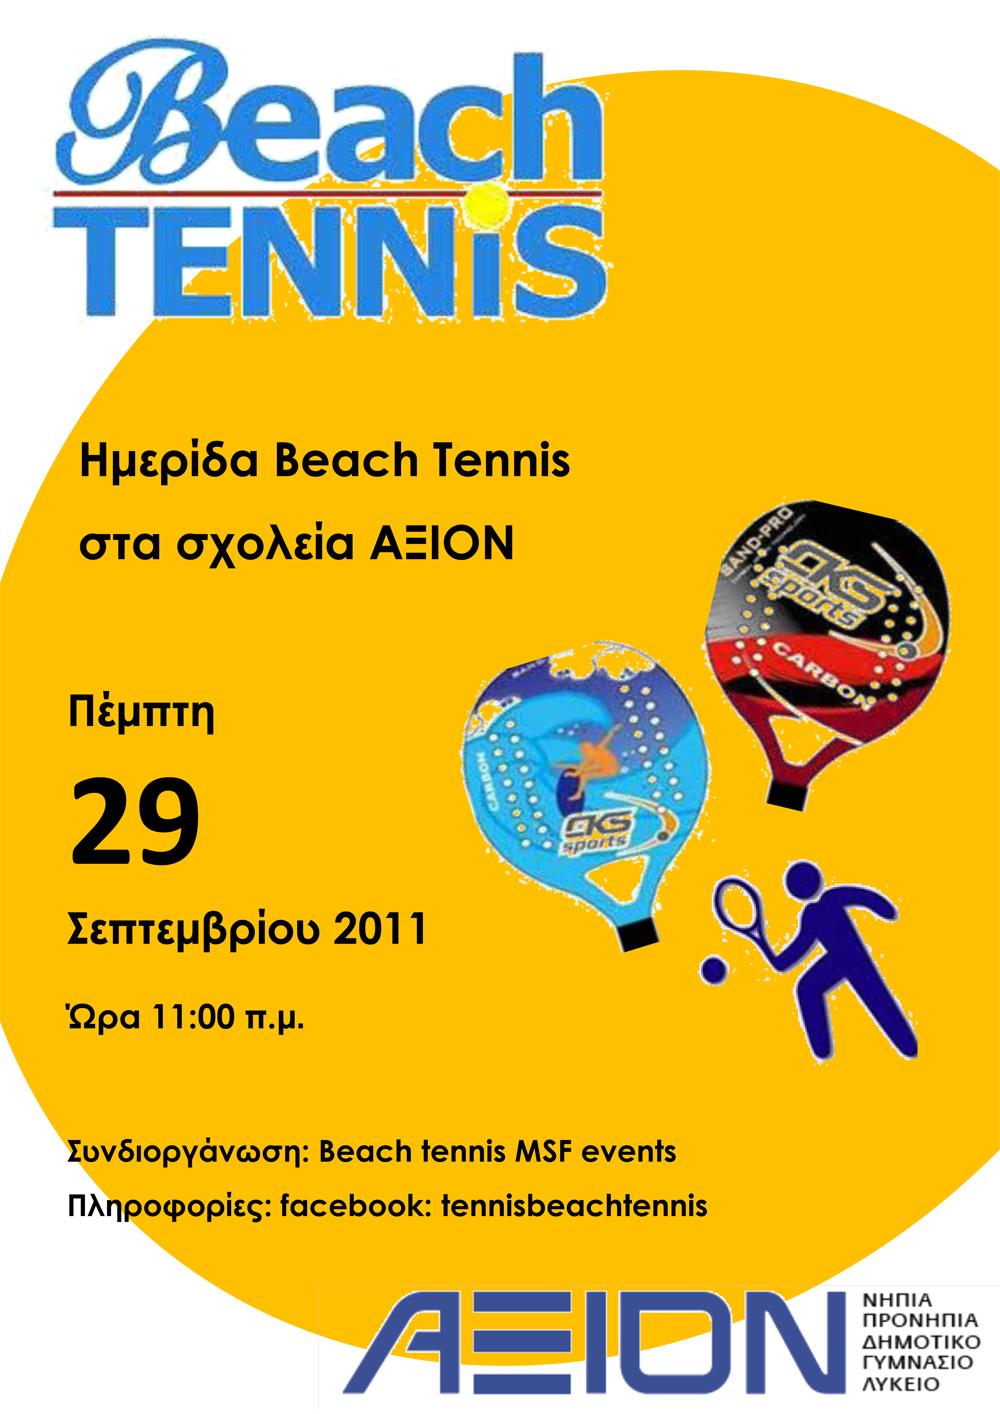 beach tennis…  Το άθλημα που ξεχώρισε το φετινό καλοκαίρι!